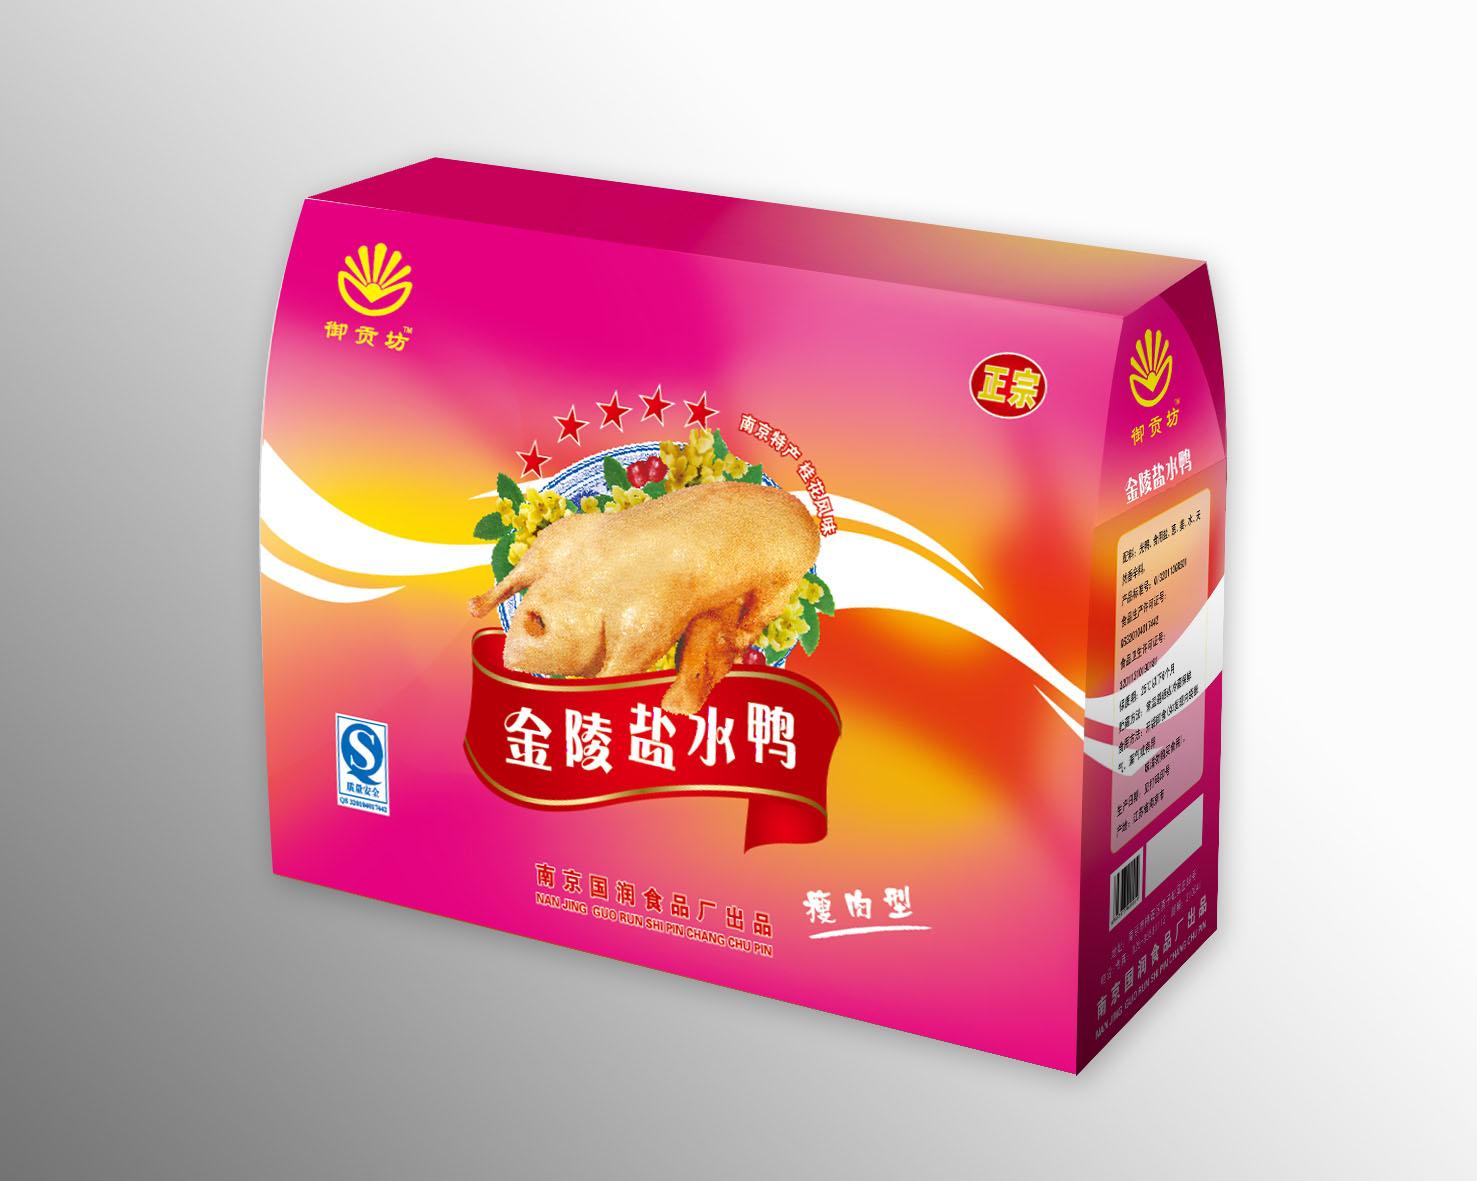 产品目录 包装,印刷用品 纸类包装容器 纸包装盒 > 食品包装盒   4)图片